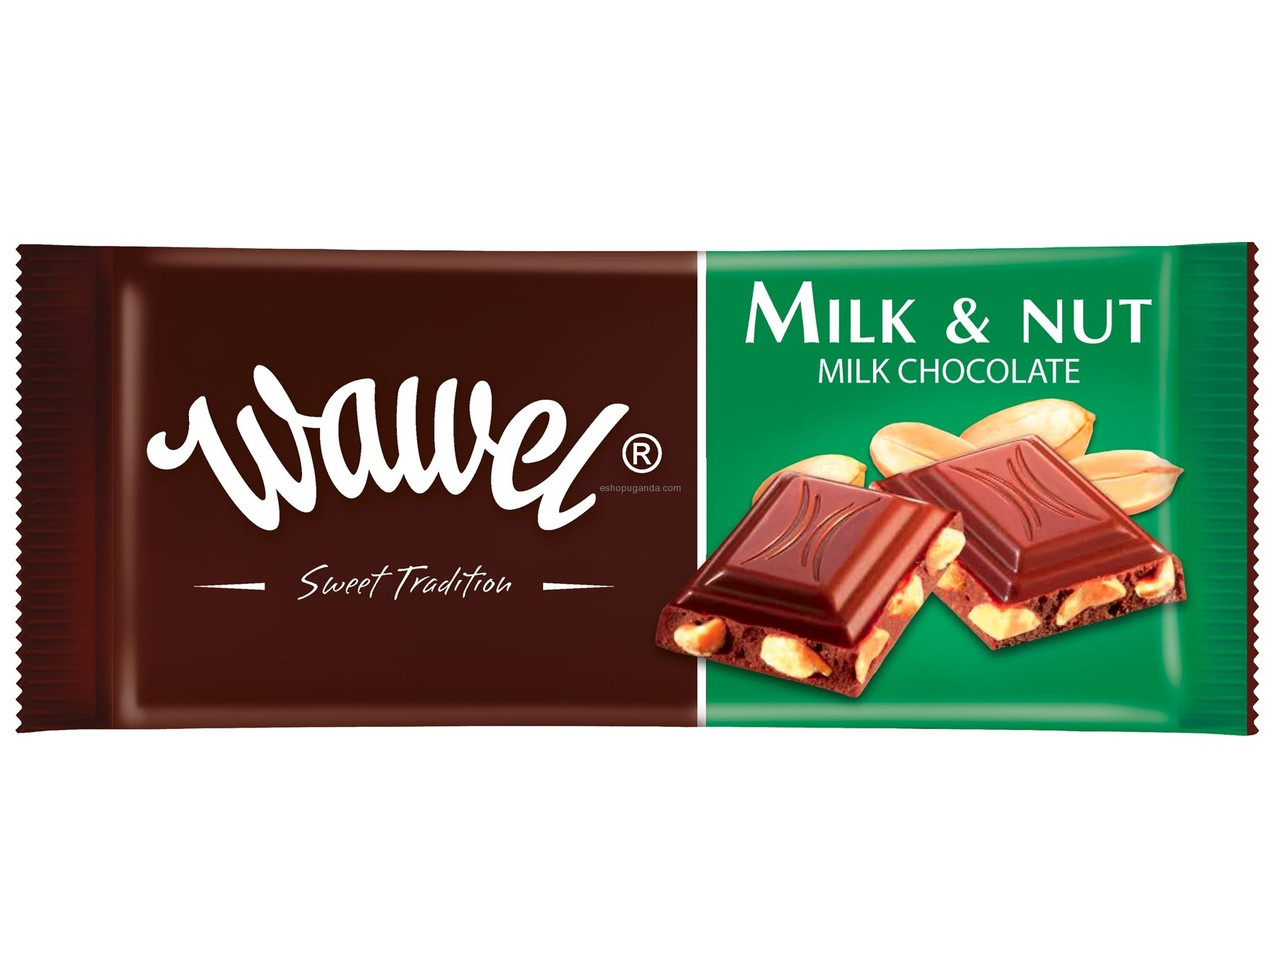 Шоколад  Wawel milk and nut Вавель молоко и нуга 100г (Польша).